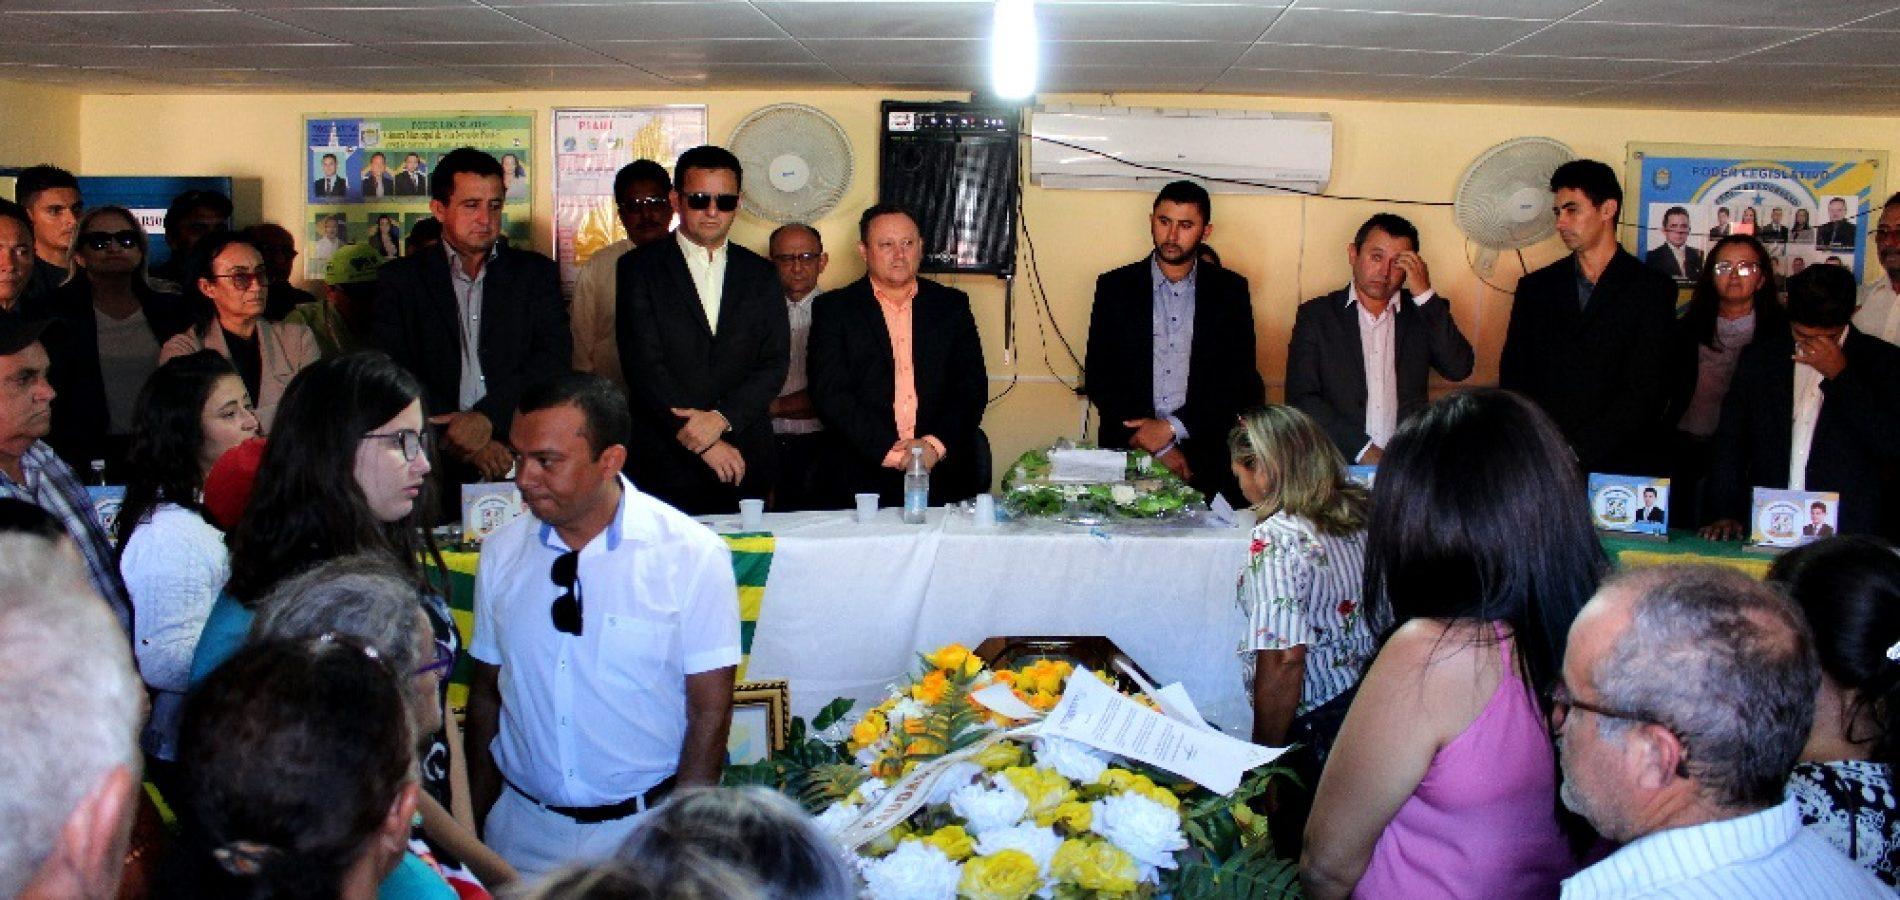 Câmara de vereadores de Vila Nova realiza sessão solene fúnebre ao ex-vereador Chico Pedro Ana